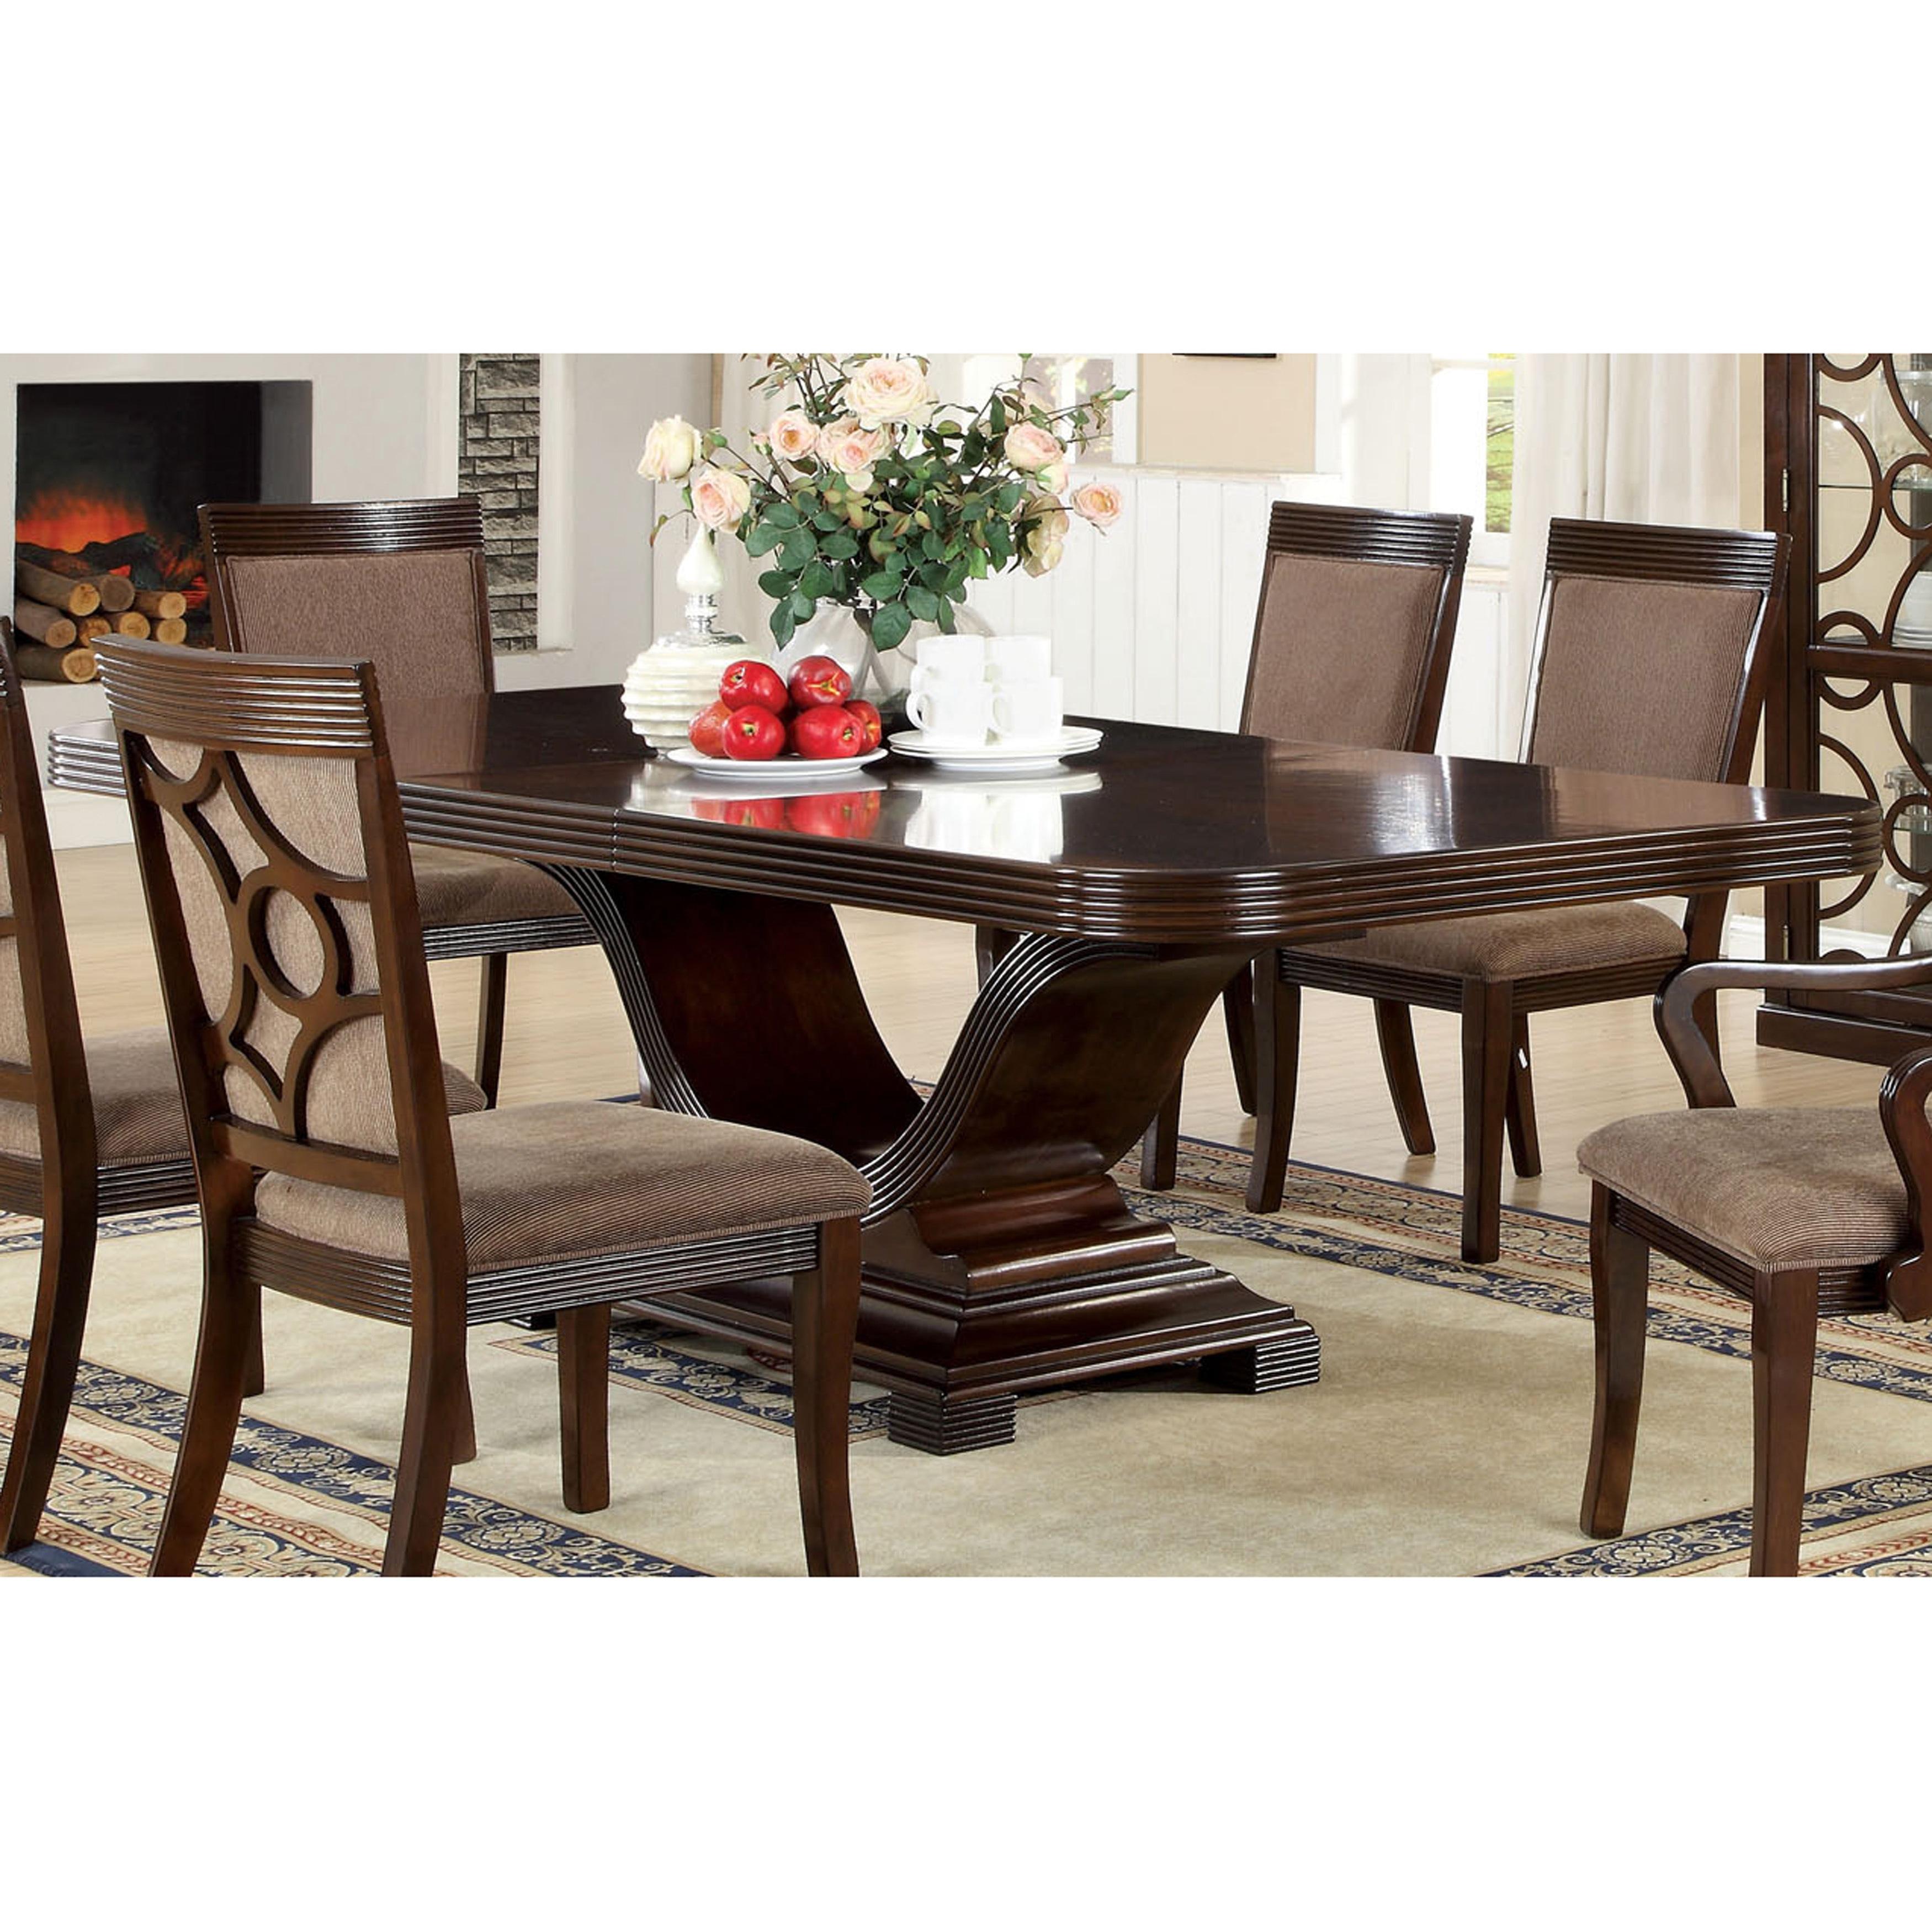 Furniture Of America Cins Modern Walnut